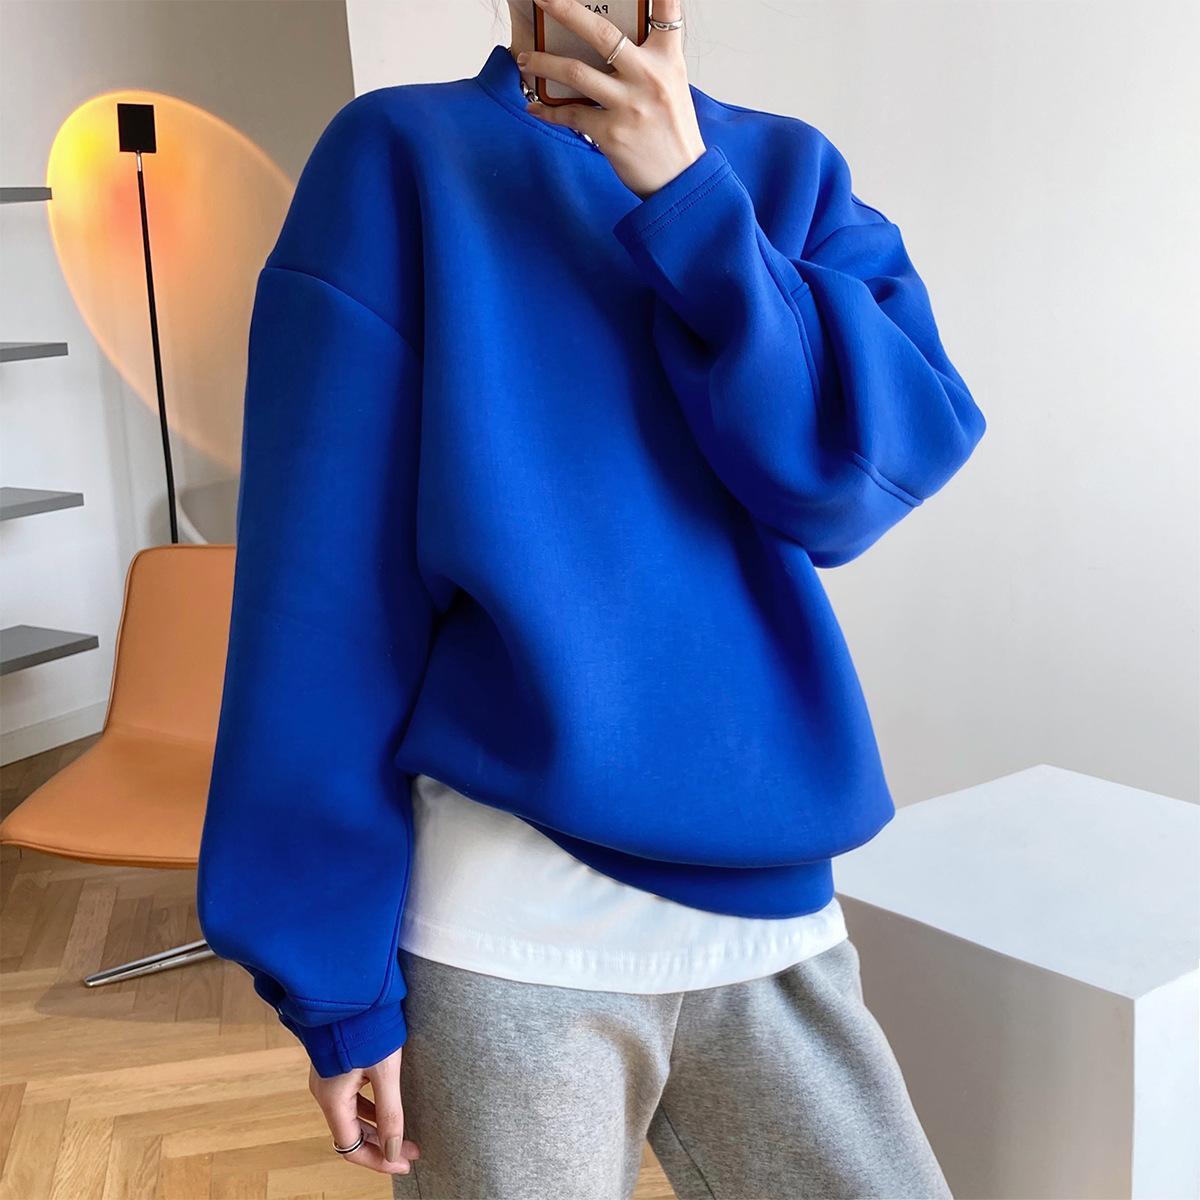 Neue 2021 Frühling langarm Dicke Oansatz Reine Farbe Warme Übergroße Stil Blaue Hoodies Frauen Tops Uaud